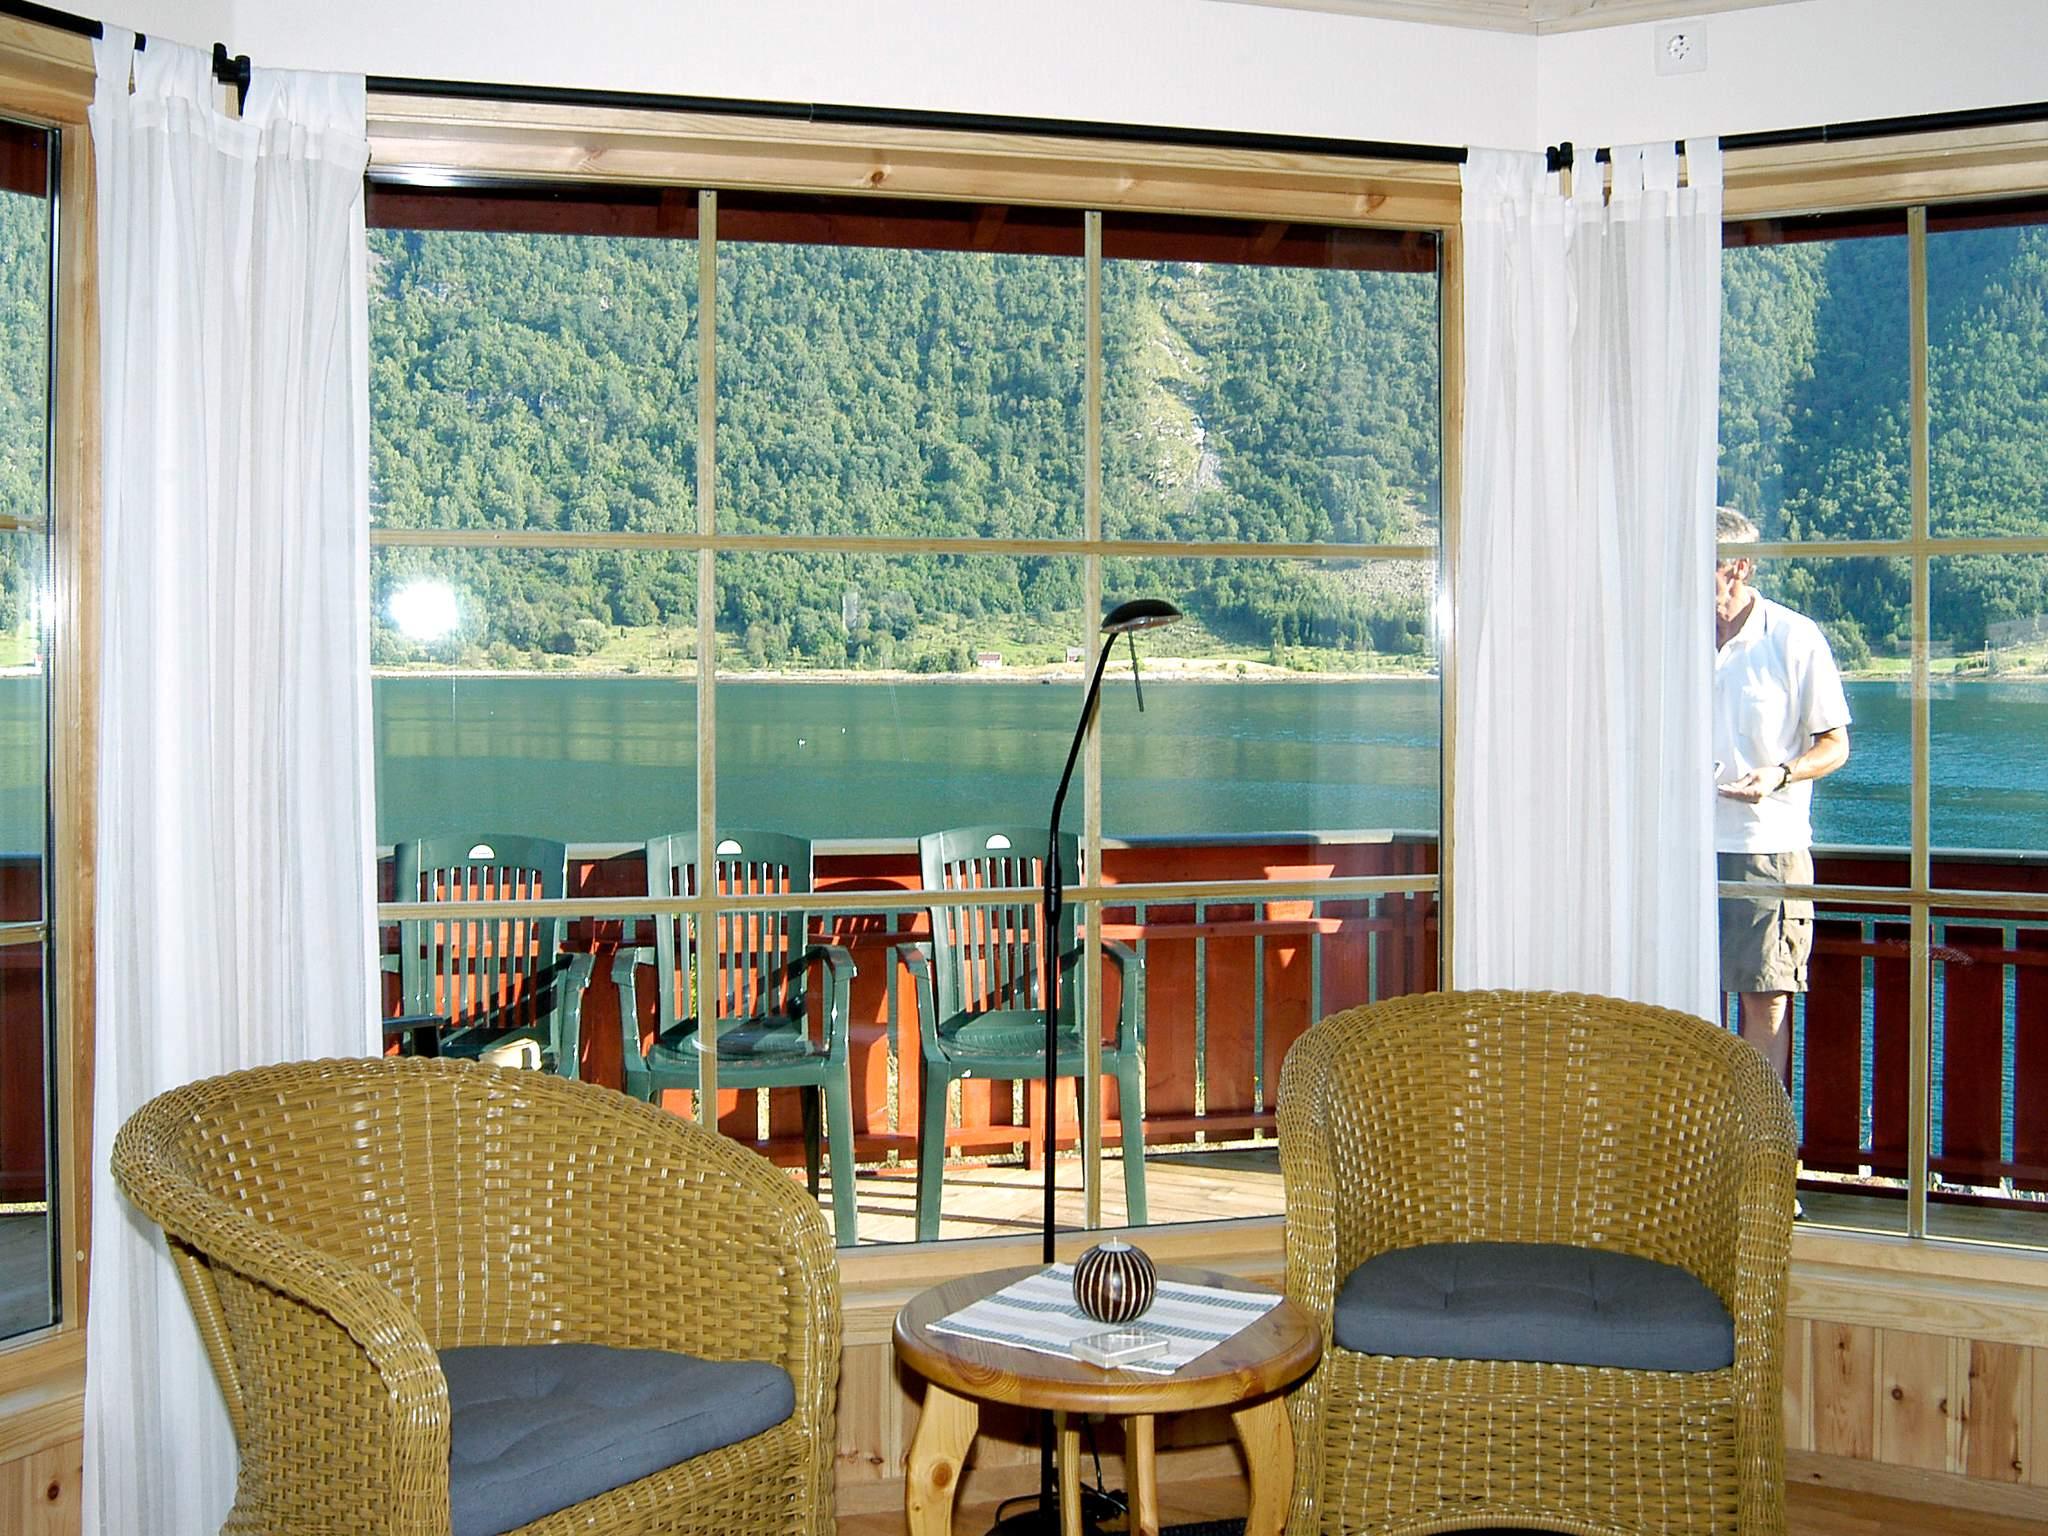 Ferienhaus Slinde (85829), Slinde, Sognefjord - Nordfjord, Westnorwegen, Norwegen, Bild 26